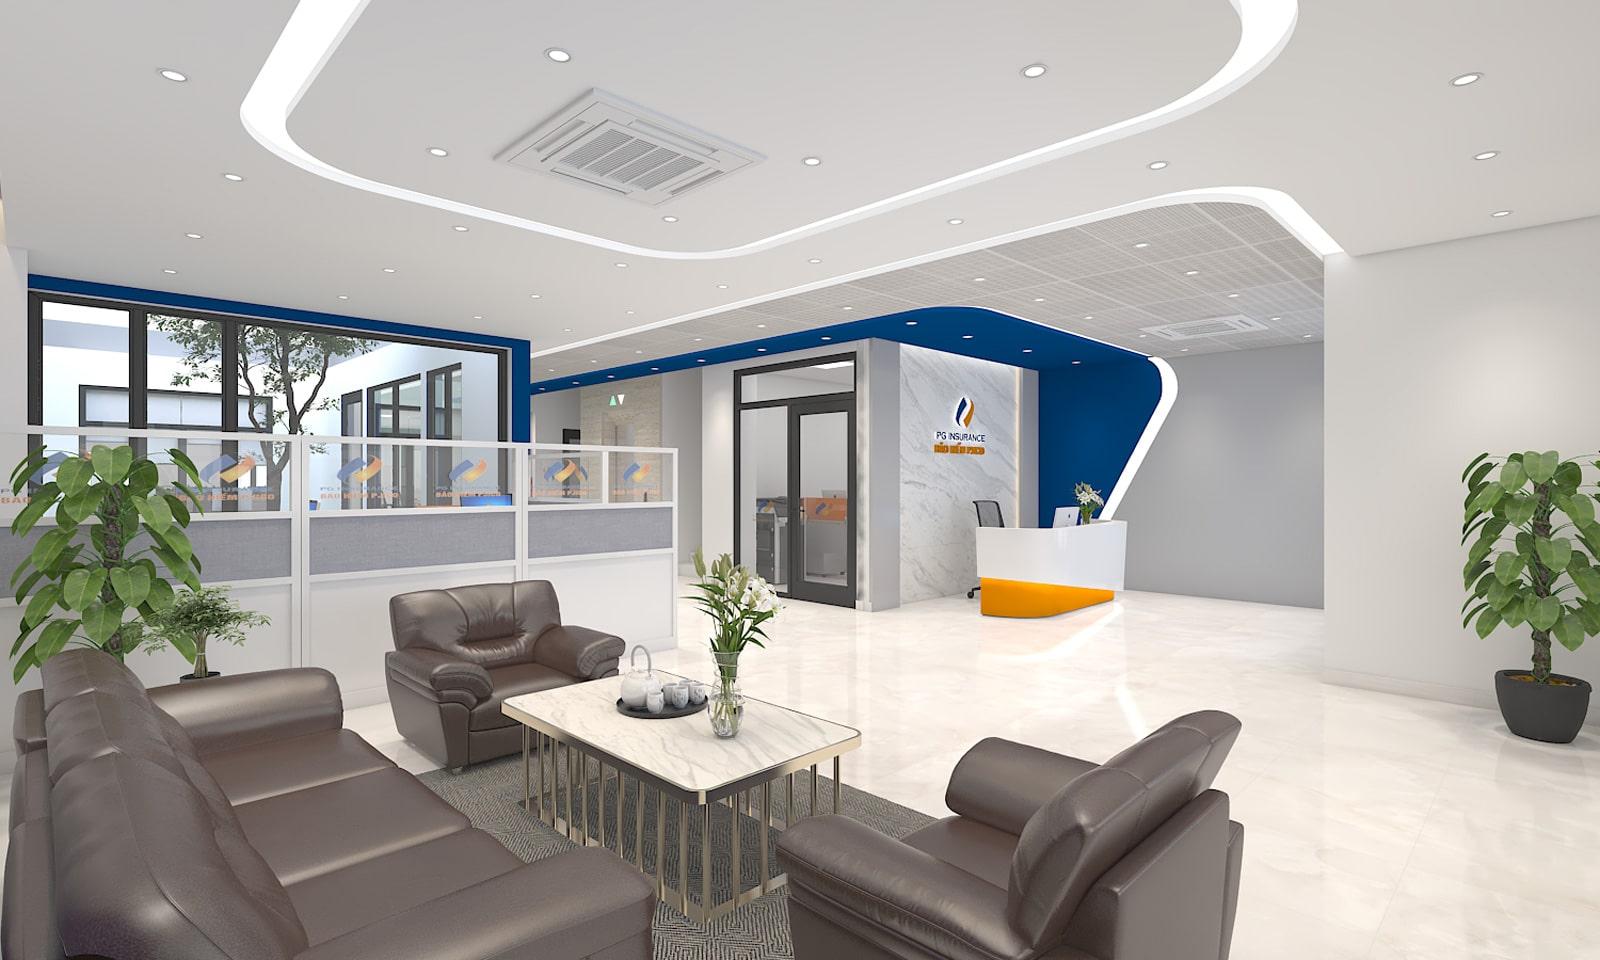 Thiết kế văn phòng PJICO - Văn phòng lấy cảm hứng từ thương hiệu